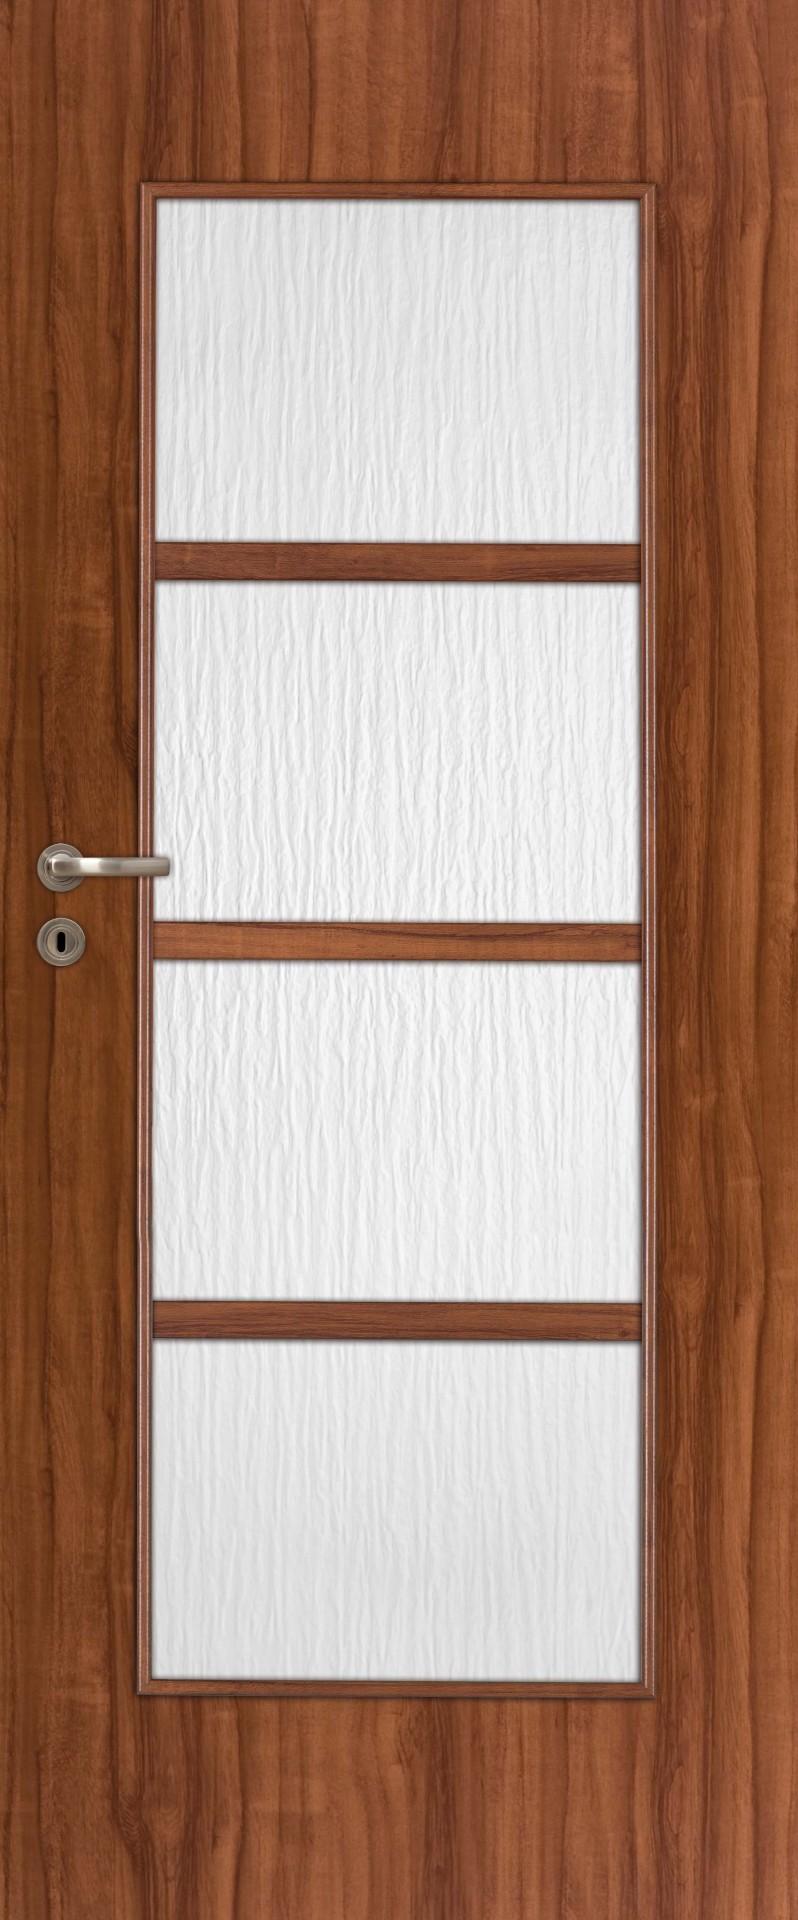 Dre dveře Arte 90, Šíře v cm 90